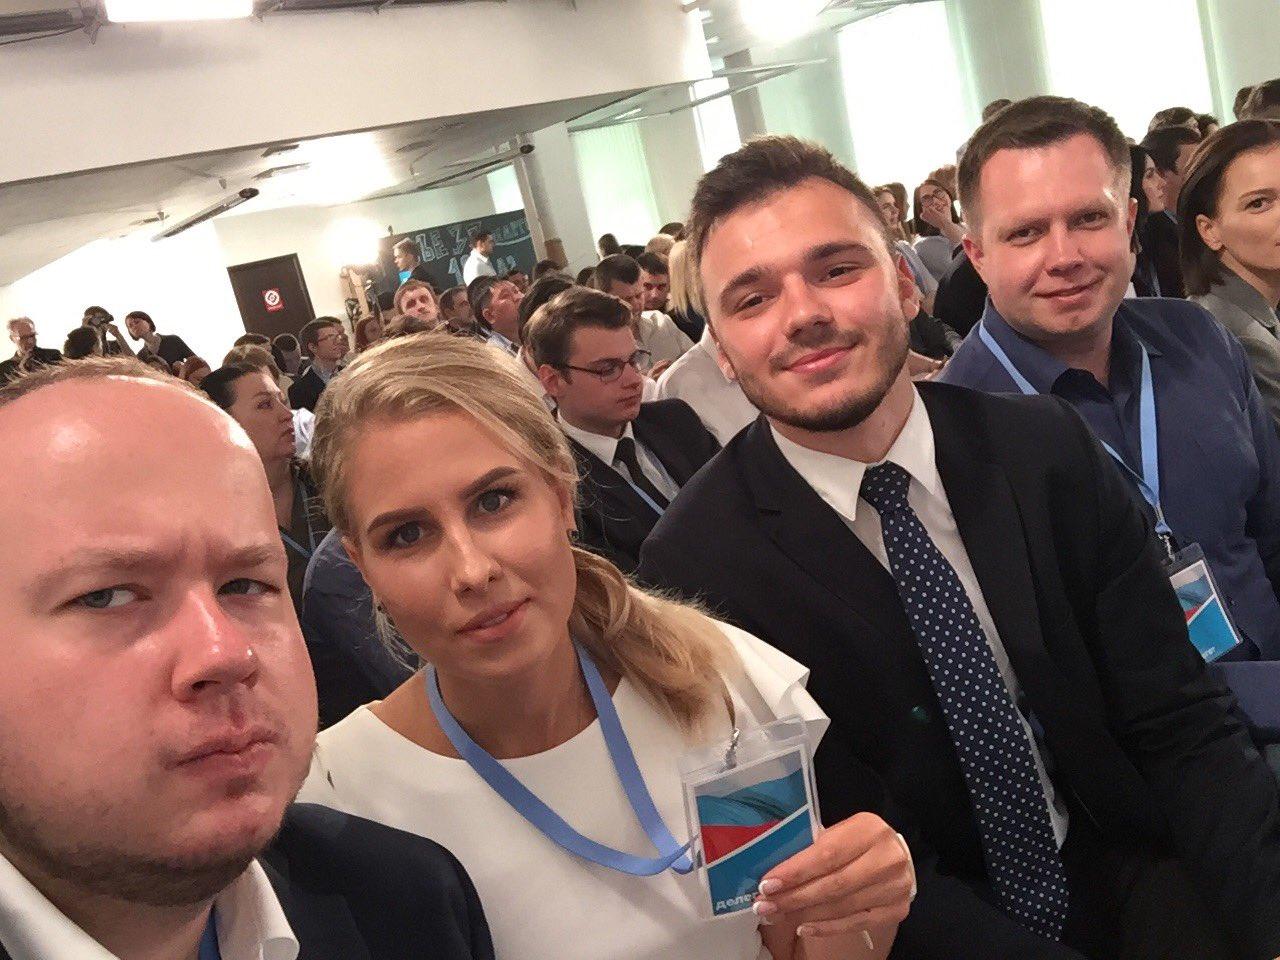 дубленки будущая россия партия так, редакции интересно